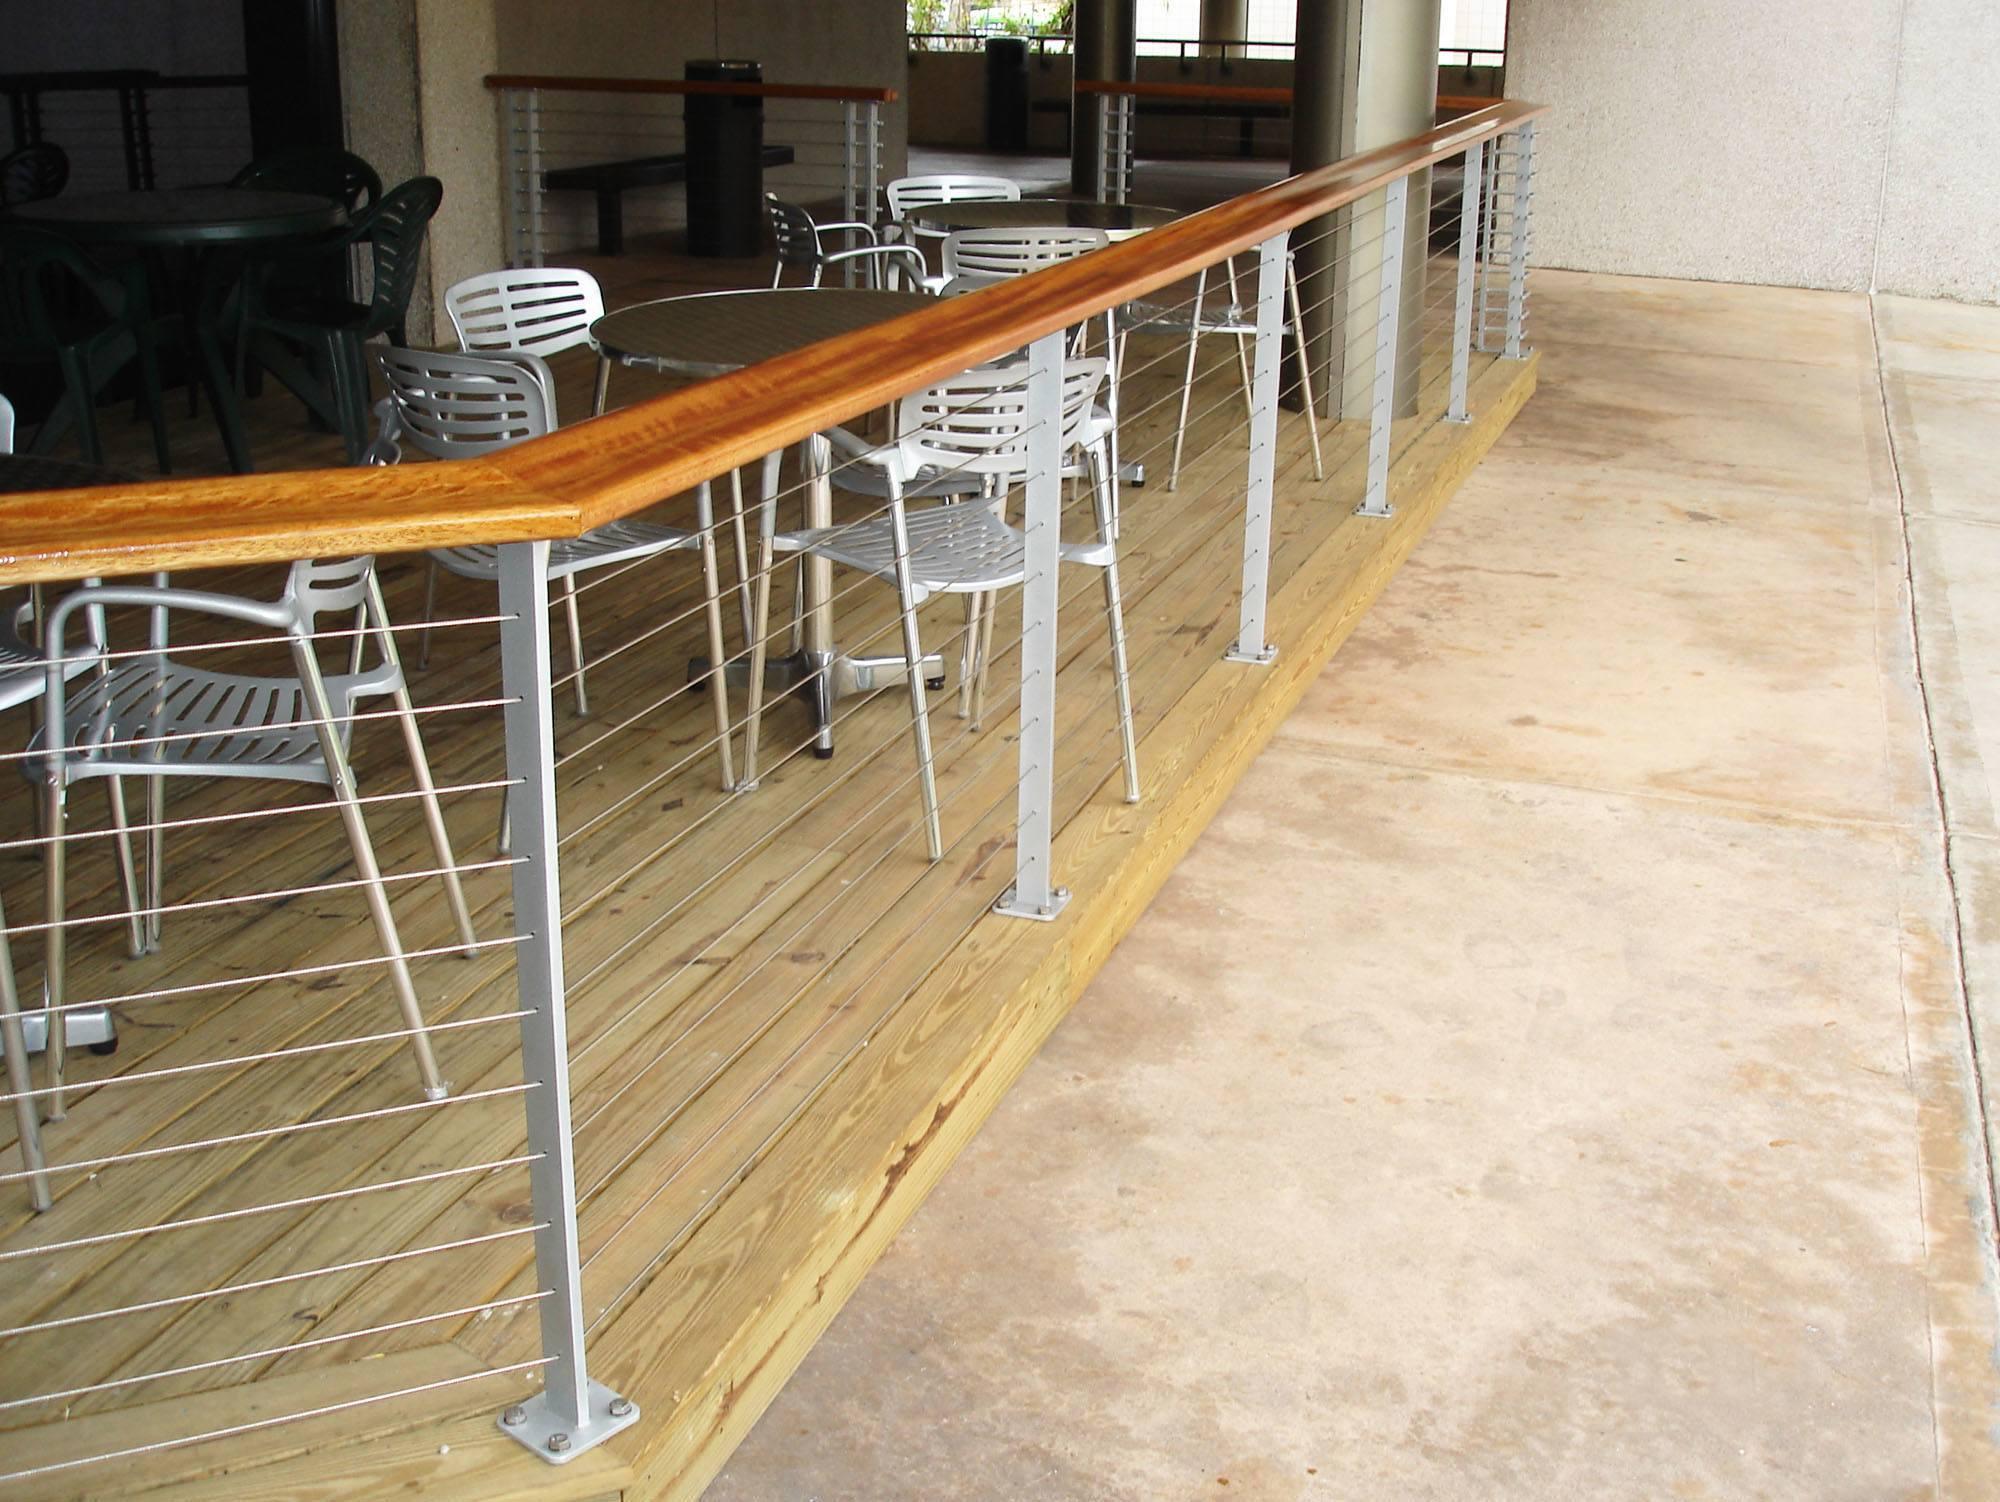 Bar rail